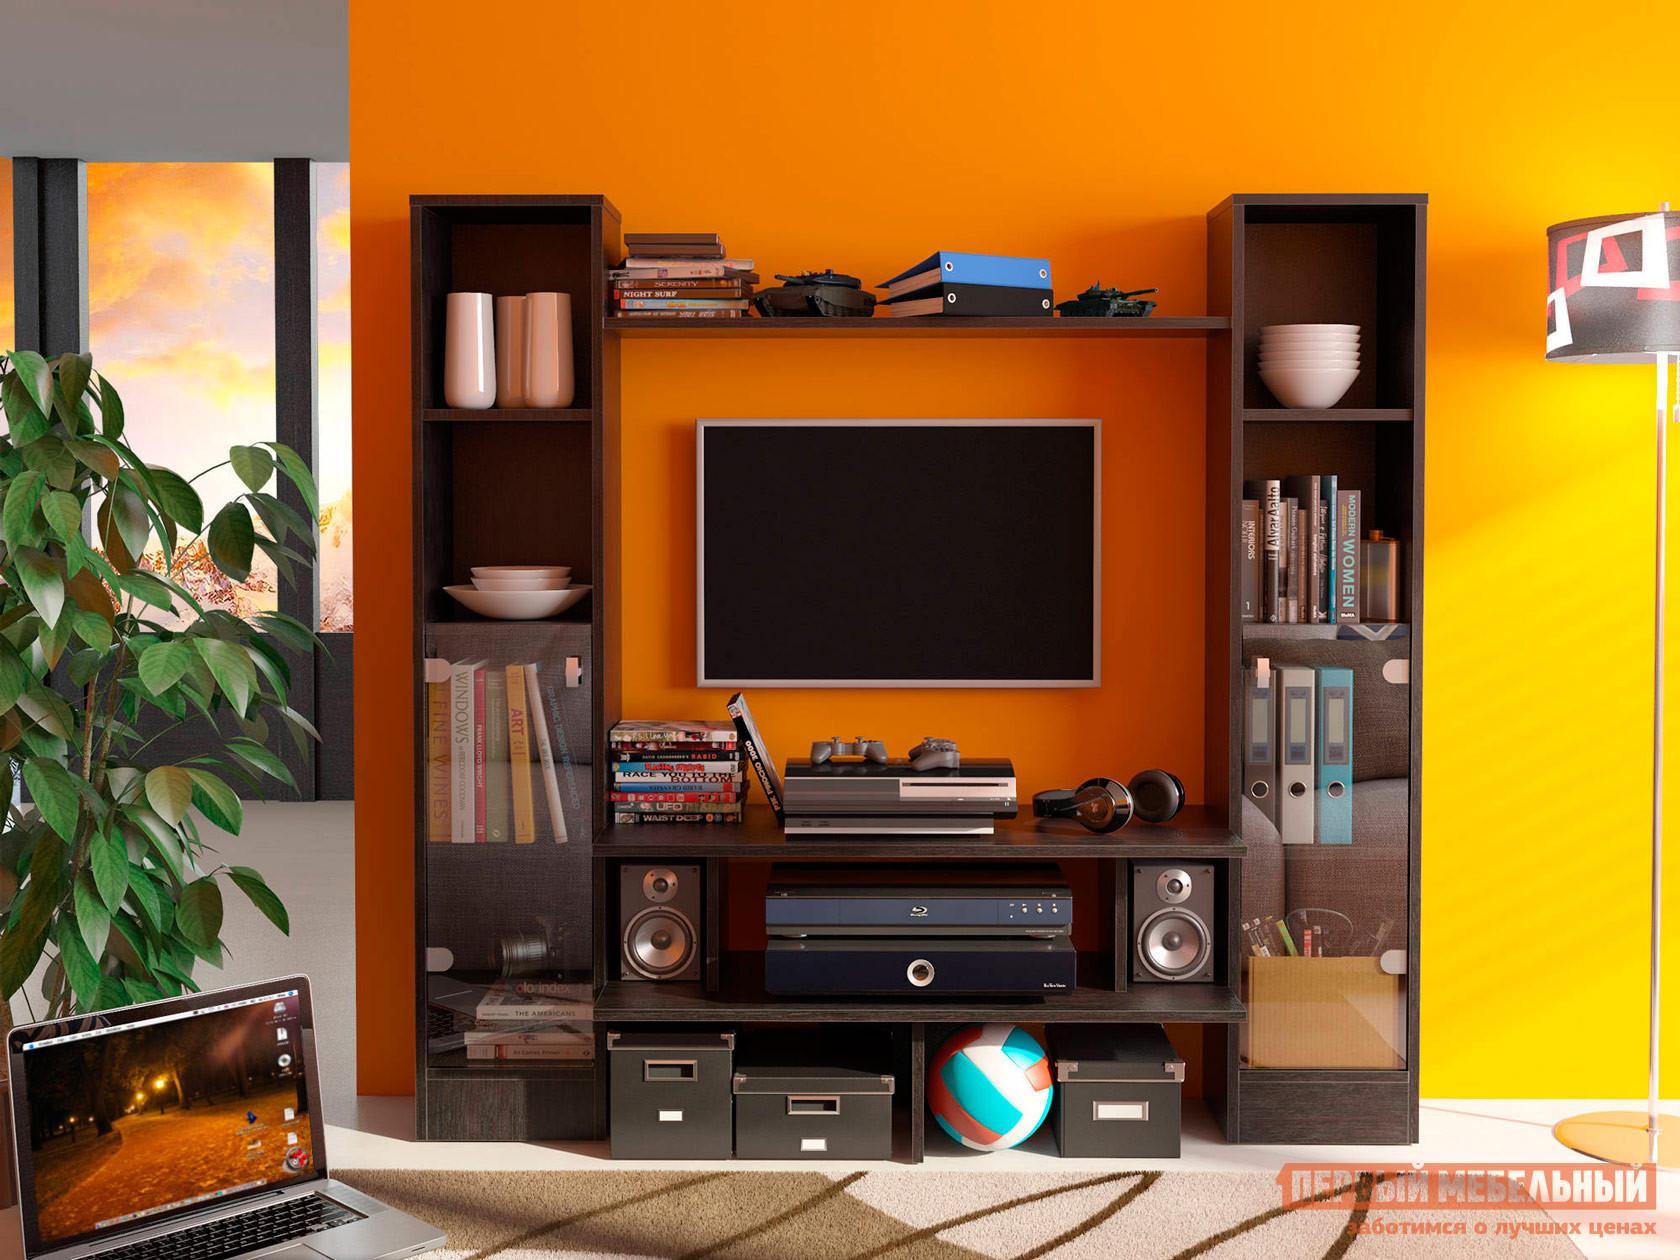 Гостиная СтолЛайн СТЛ.090.00 ВенгеСтенки для гостиной<br>Габаритные размеры ВхШхГ 1376x1464x354 мм. Компактная функциональная стенка для гостиной комнаты.  Благодаря своим размерам, модель станет полезным элементом в небольшой комнате.  Прямые линии силуэта и темный цвет исполнения позволят дополнить как классический, так и современный интерьер помещения. Стенка имеет два шкафчика со стеклянными дверцами, большое количество полок и ниш для мультимедиа аппаратуры, книг, посуды, предметов интерьера и прочих вещей. Ширина полки под телевизор — 904 мм. Изделие выполняется из ЛДСП.<br><br>Цвет: Венге<br>Цвет: Венге<br>Высота мм: 1376<br>Ширина мм: 1464<br>Глубина мм: 354<br>Форма поставки: В разобранном виде<br>Срок гарантии: 18 месяцев<br>Тип: Горки<br>Характеристика: Немодульные<br>Материал: из ЛДСП<br>Размер: Маленькие<br>Особенности: Со стеллажом, Со шкафом витриной, С местом под ТВ